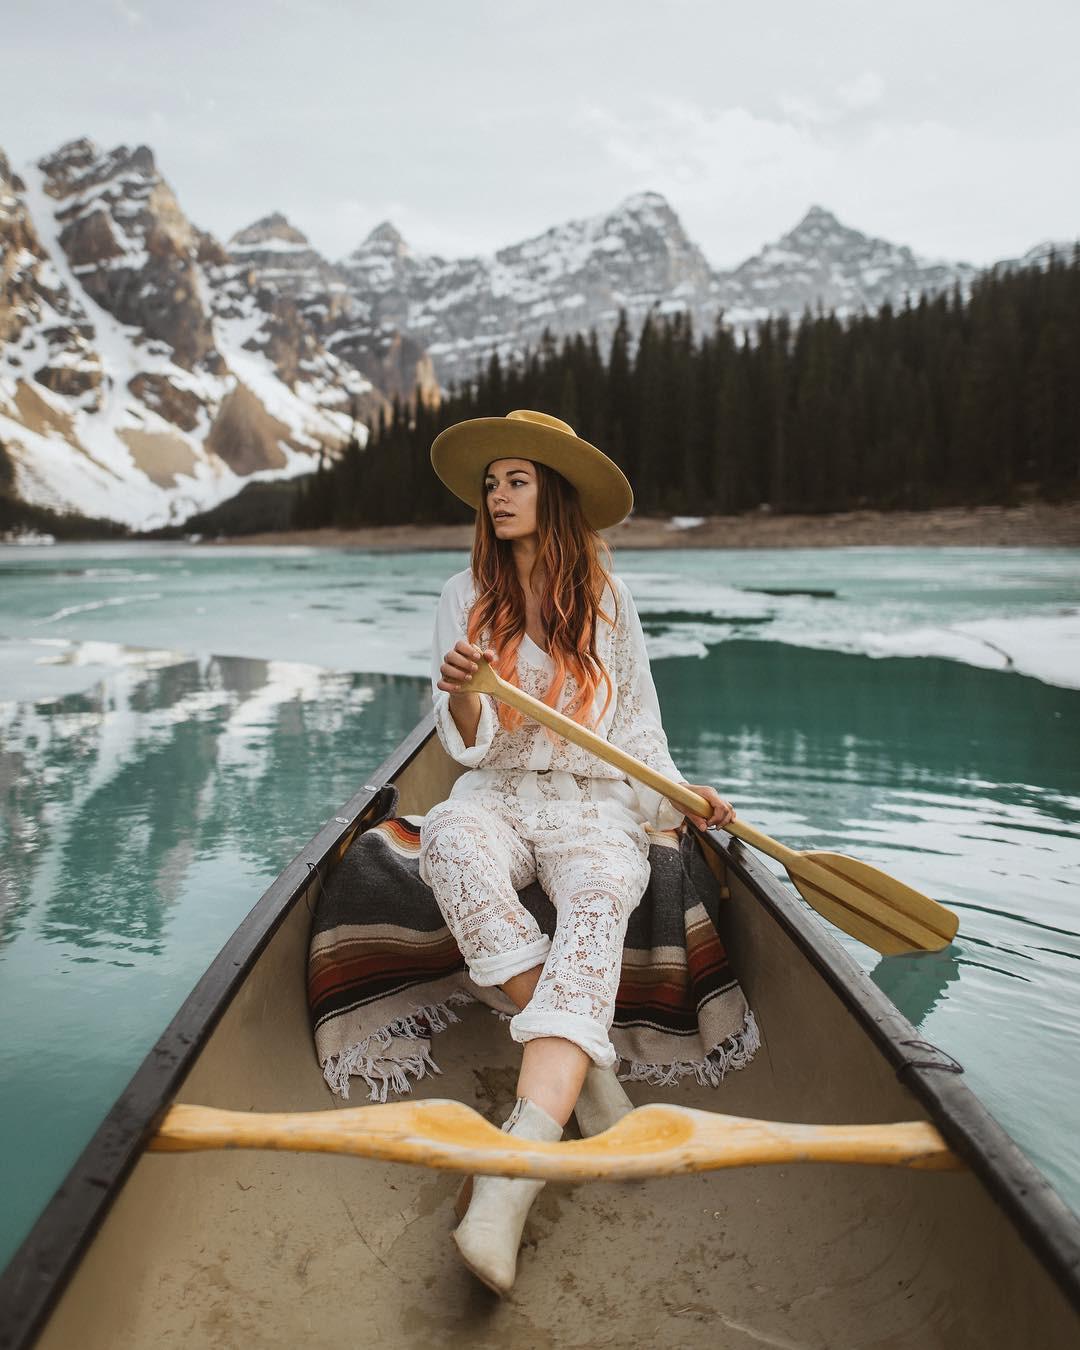 Có gì hay ở hồ nước màu xanh ngọc bích được mệnh danh là thiên đường trần gian ở Canada? - Ảnh 7.